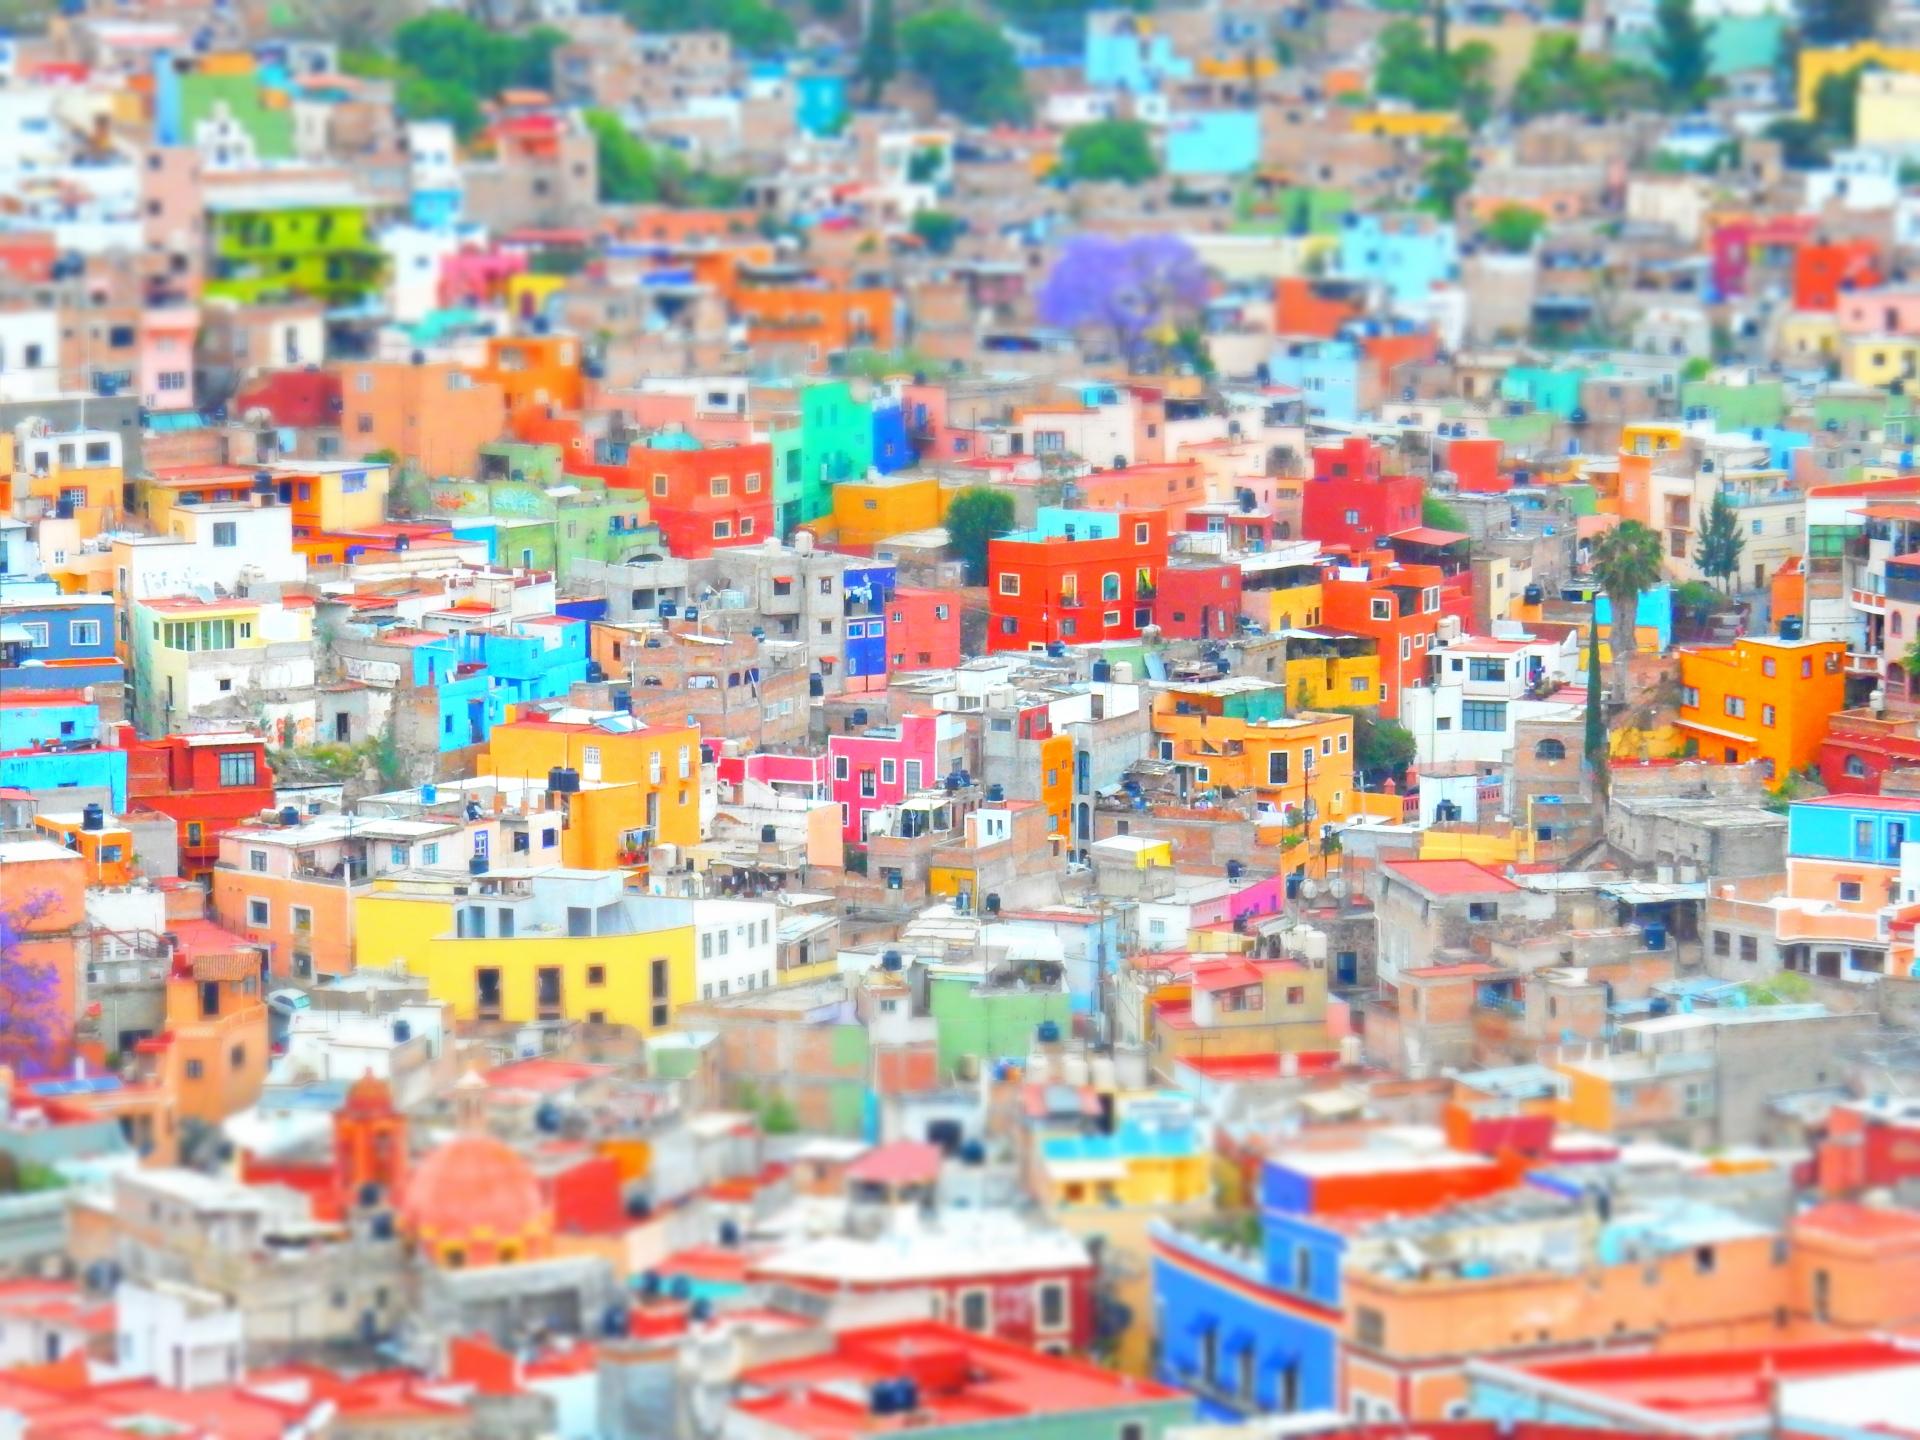 【メキシコ留学・スペイン語】 学生都市グアナファトで、誰よりも濃い思い出を・・+*